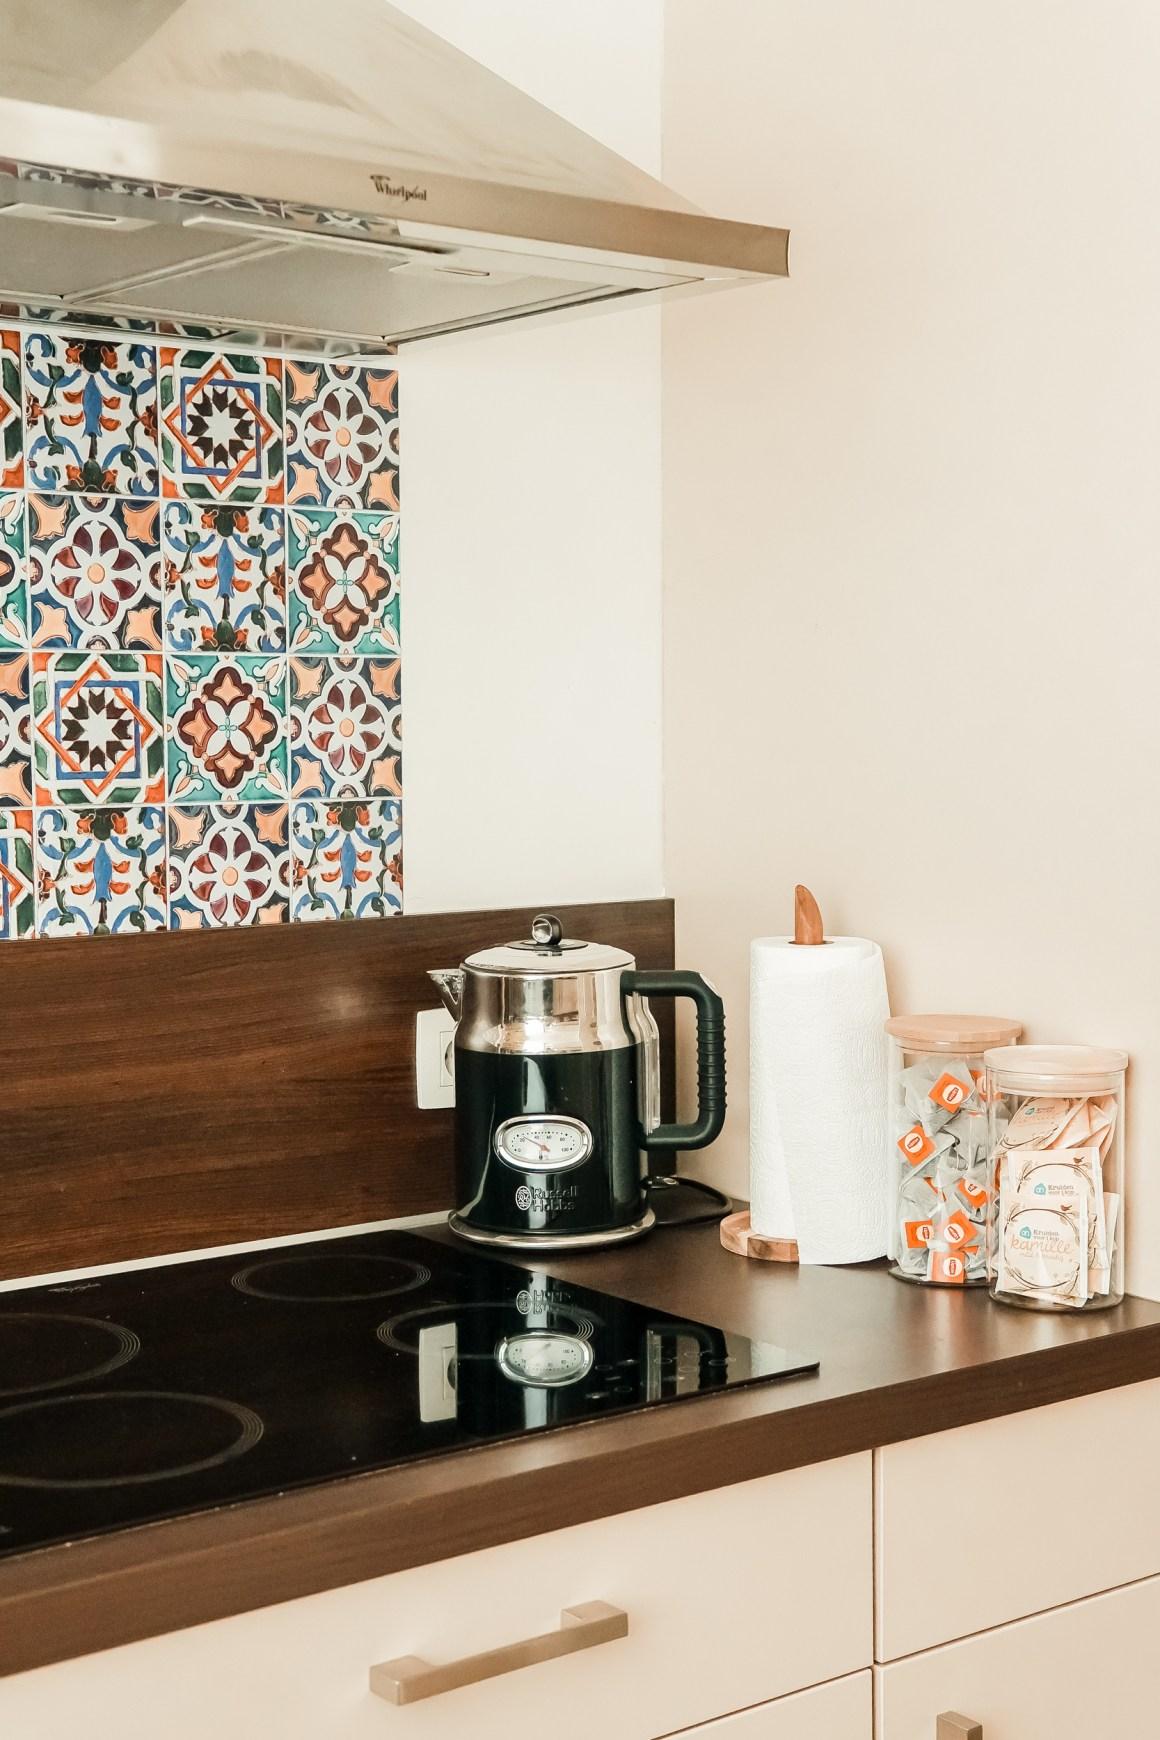 Mijn huurhuis keuken make-over: voor en na